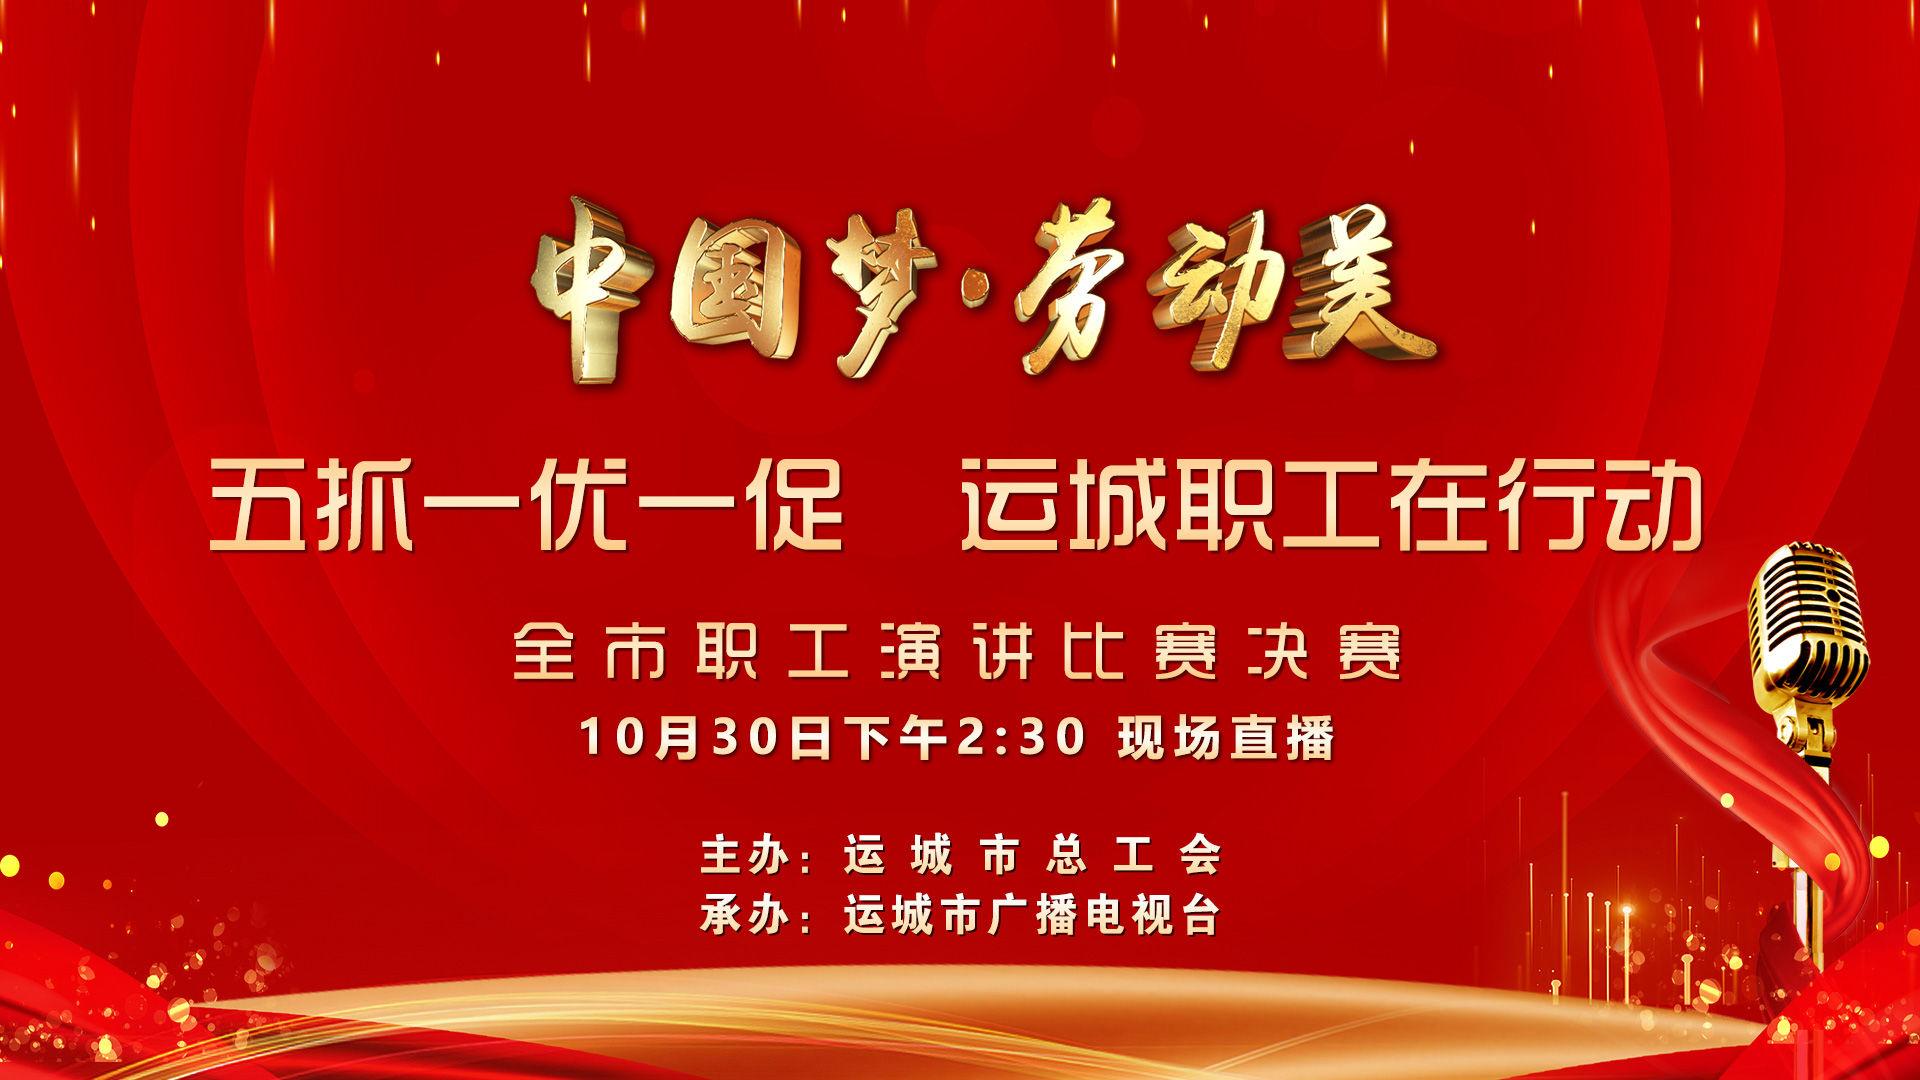 中國夢·勞動美 五抓一優一促 運城職工在行動 全市職工演講比賽